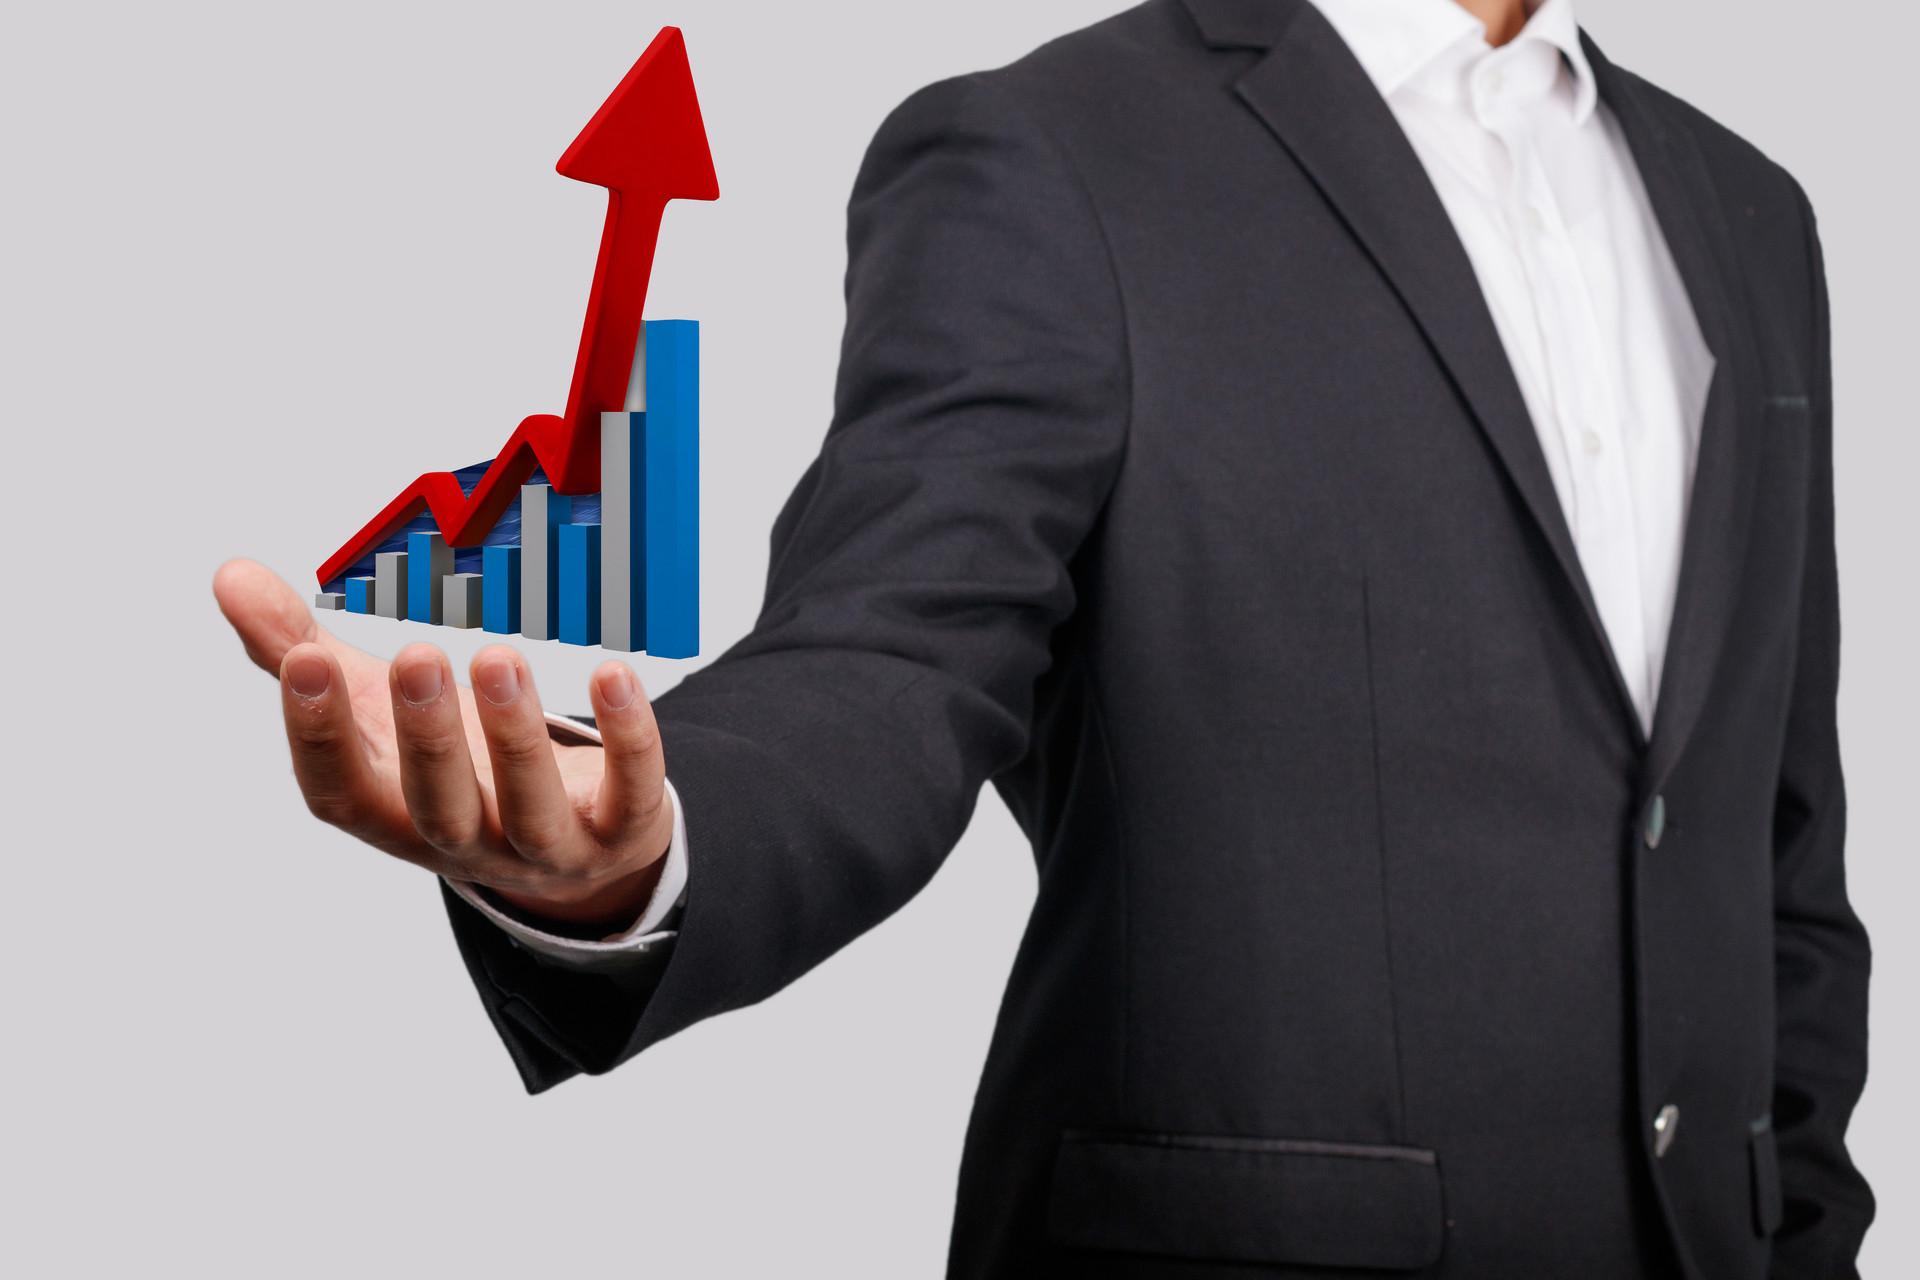 【直销技巧】直销人应具备的八大心态